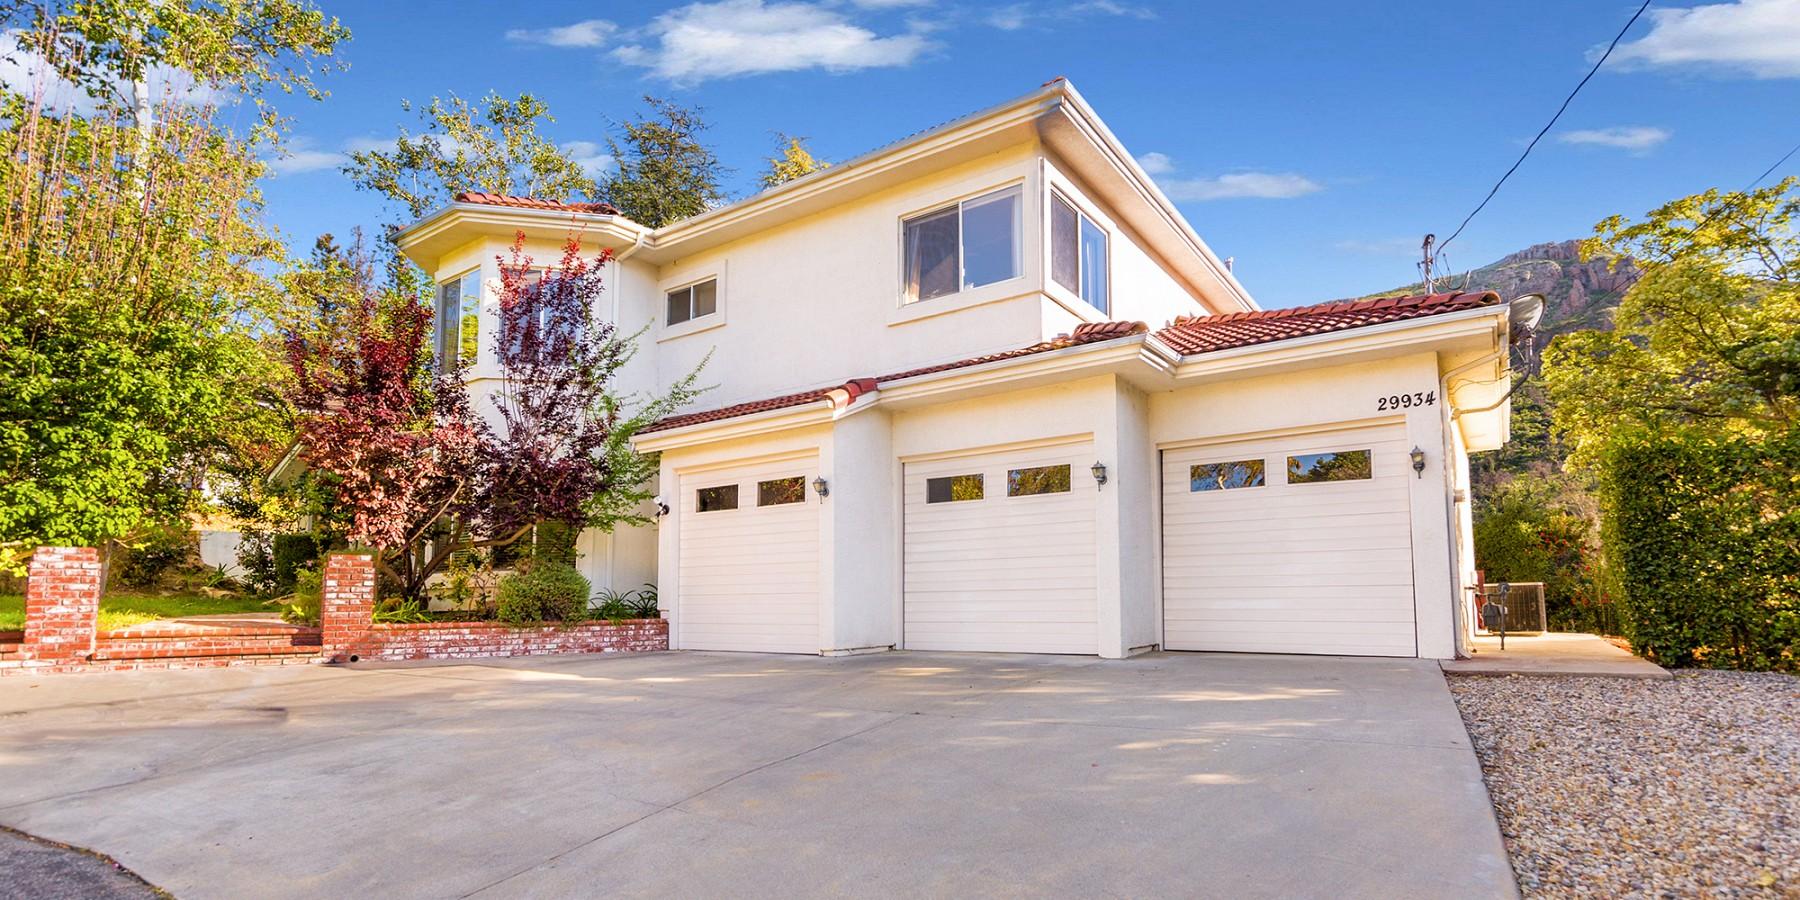 29934 Triunfo Dr, Agoura Hills, CA 91301